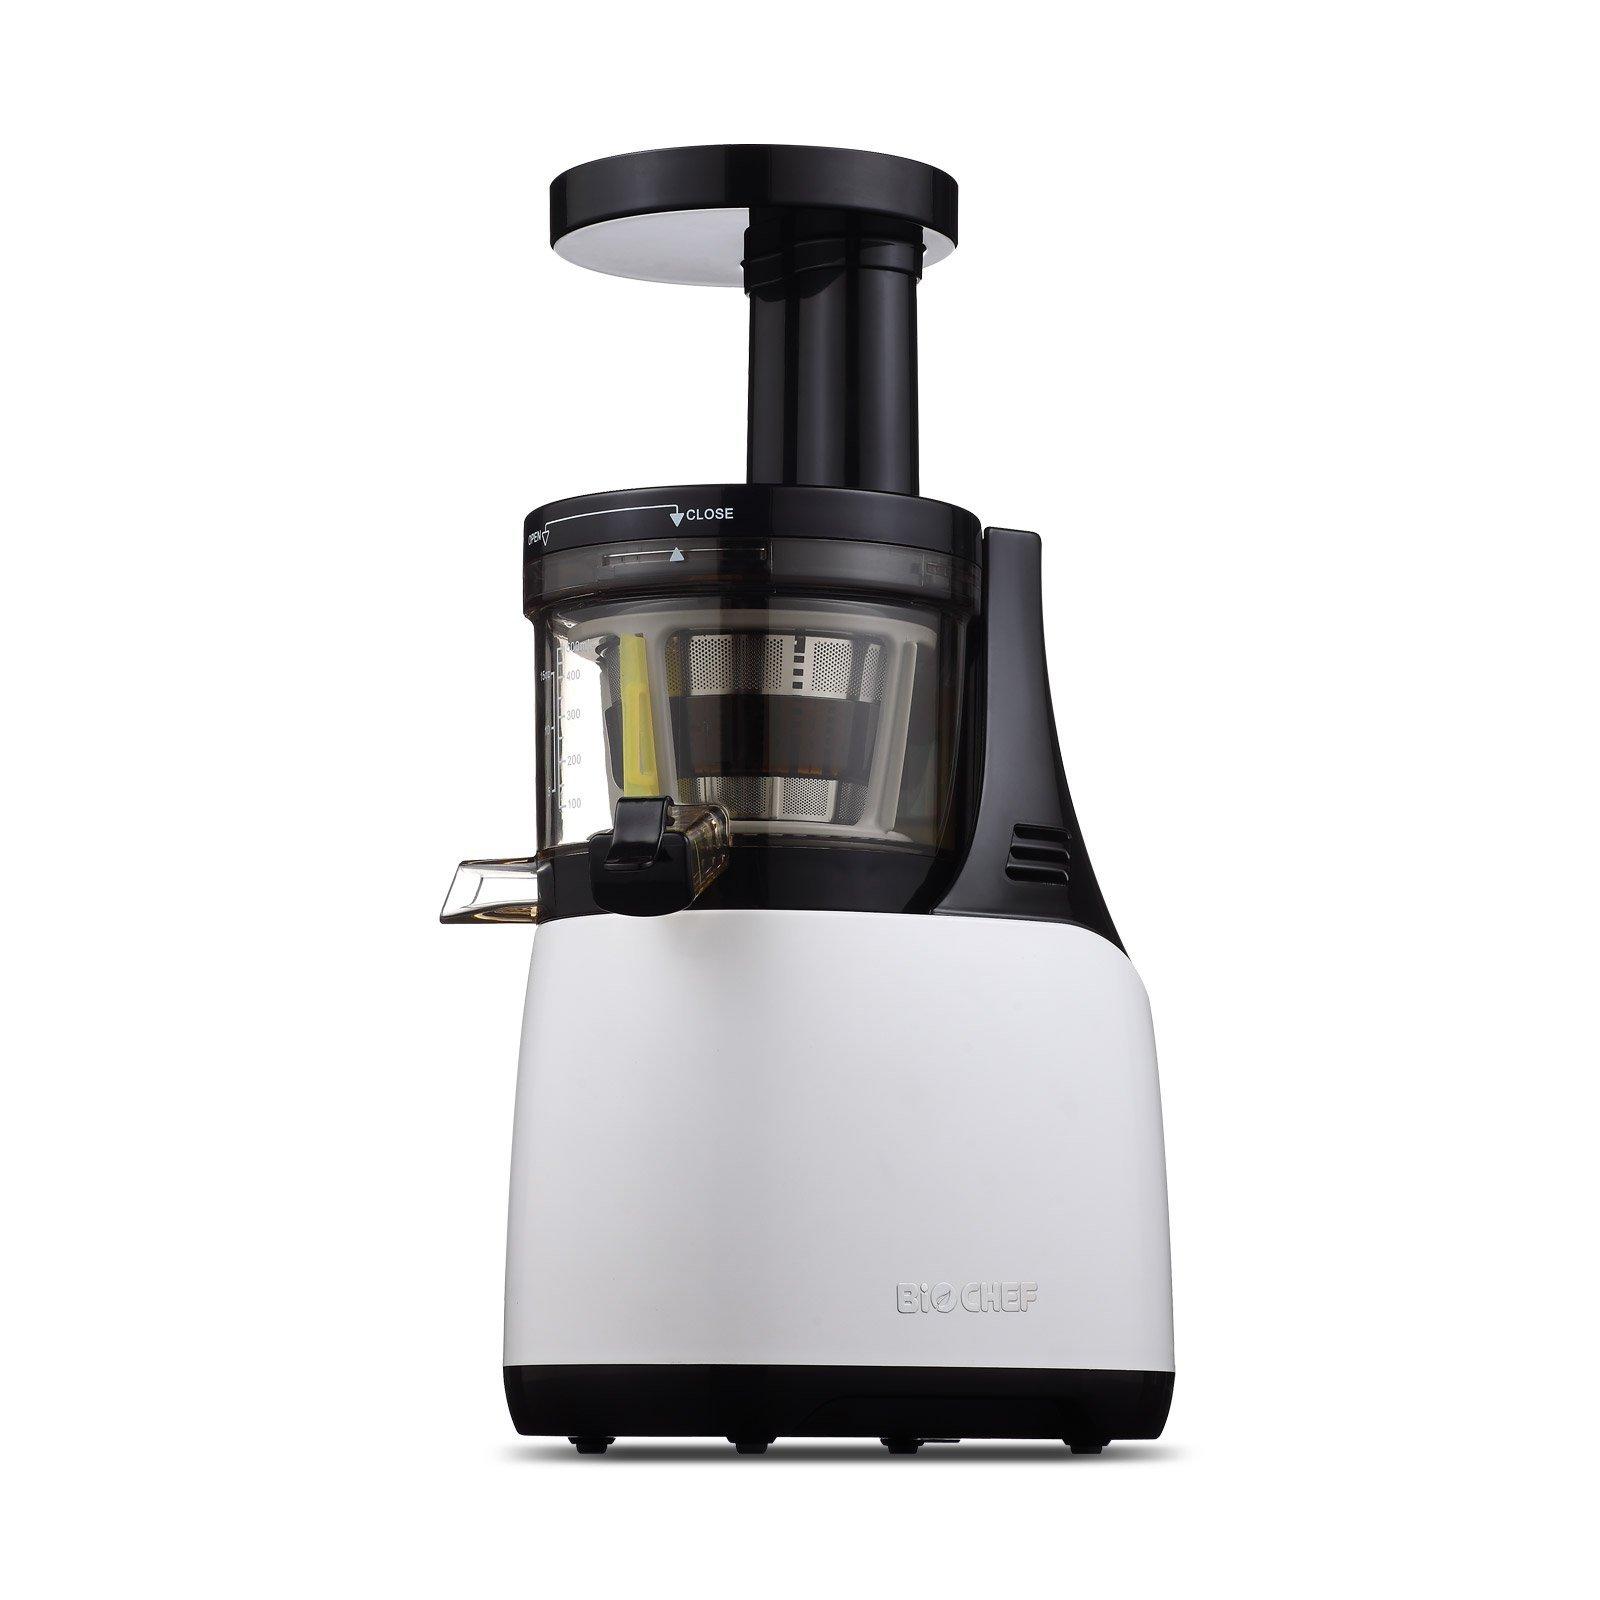 Estrattore di succo, BioChef Synergy-Slow Juicer, Estrattore di succo, lento, silenzioso, con sprem